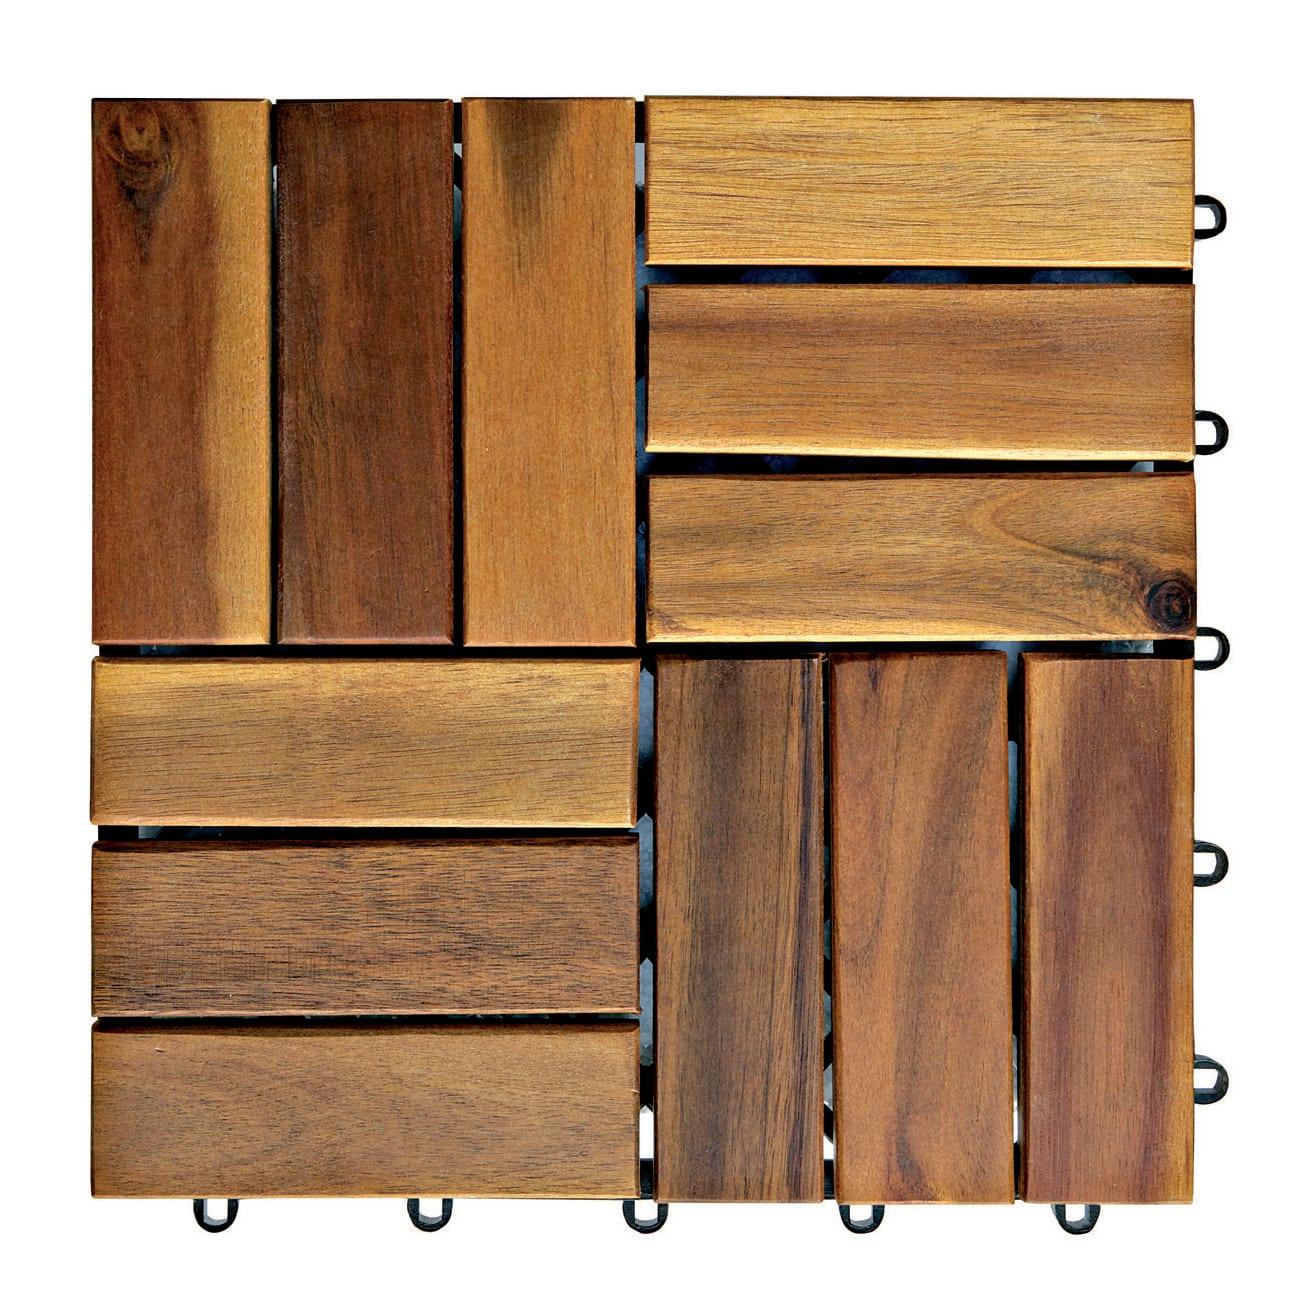 Pavimento A Incastro Per Esterni piastrelle ad incastro in legno acacia 30 x 30 cm sp 25 mm, marrone scuro